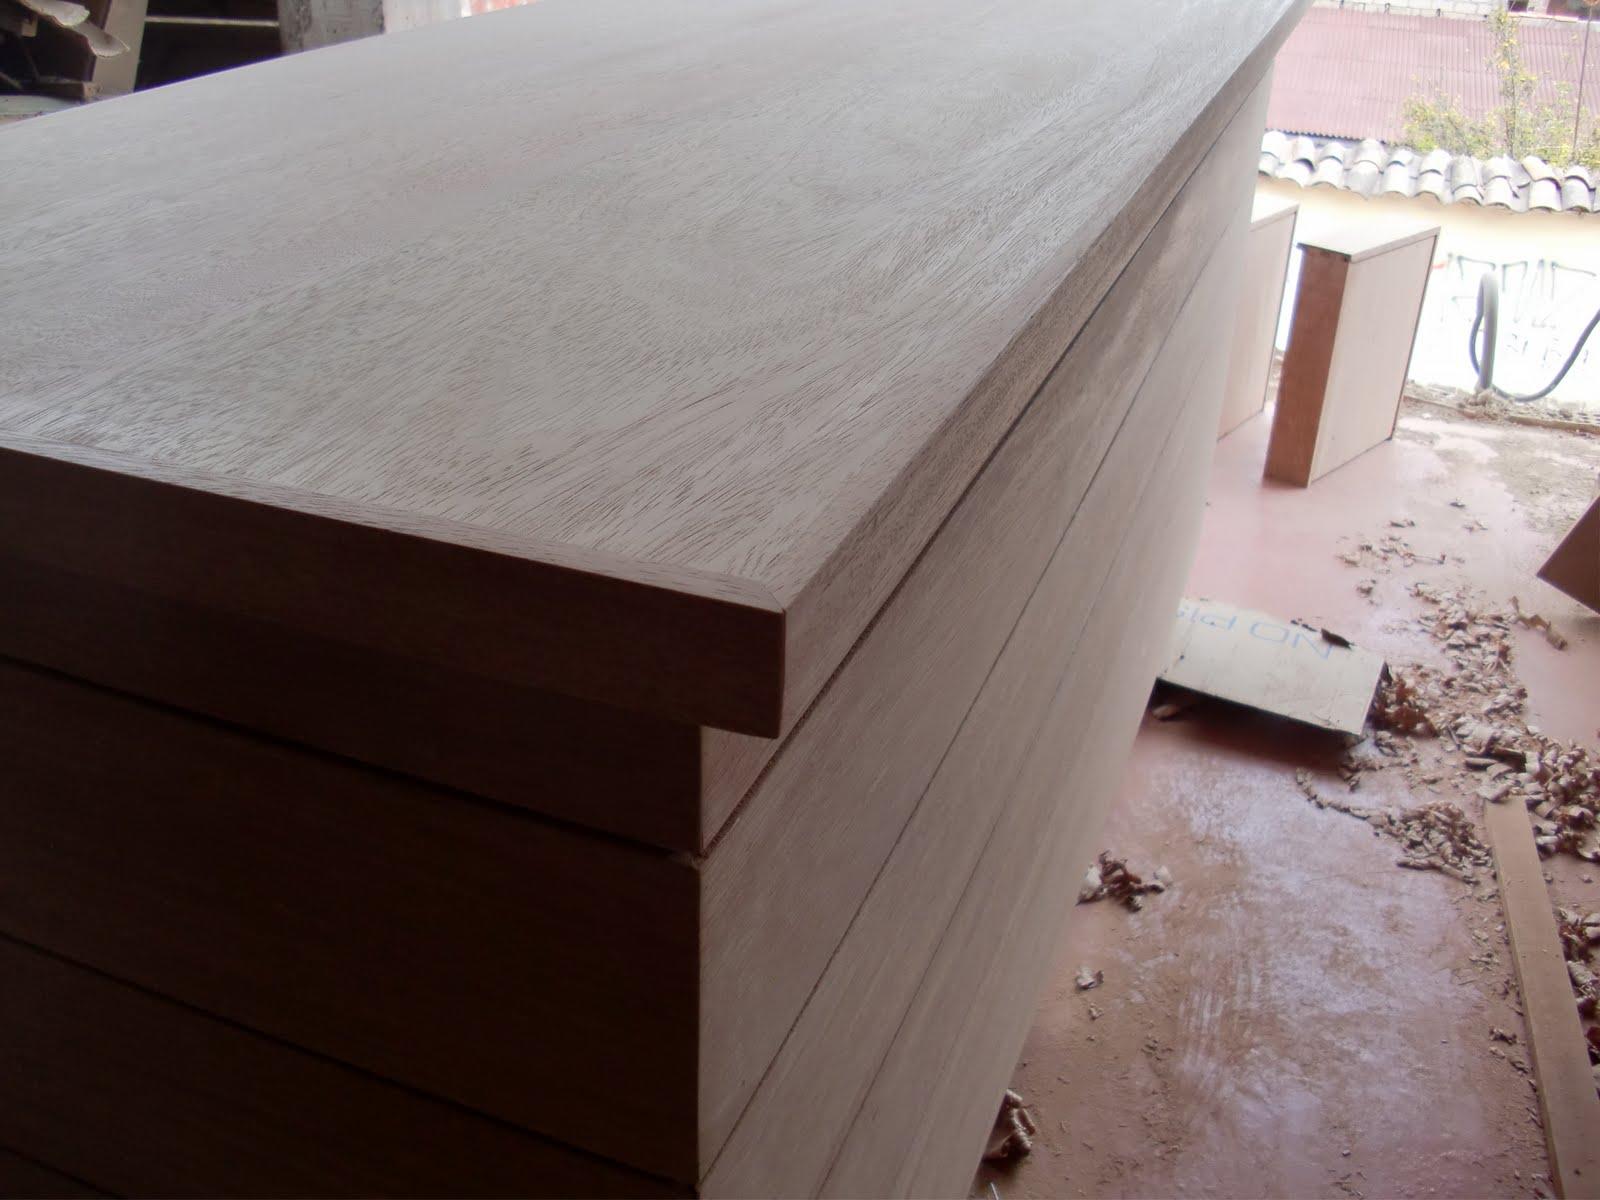 Decoraciones manualidades en madera pintar mueble paso a paso - Manualidades de madera paso a paso ...